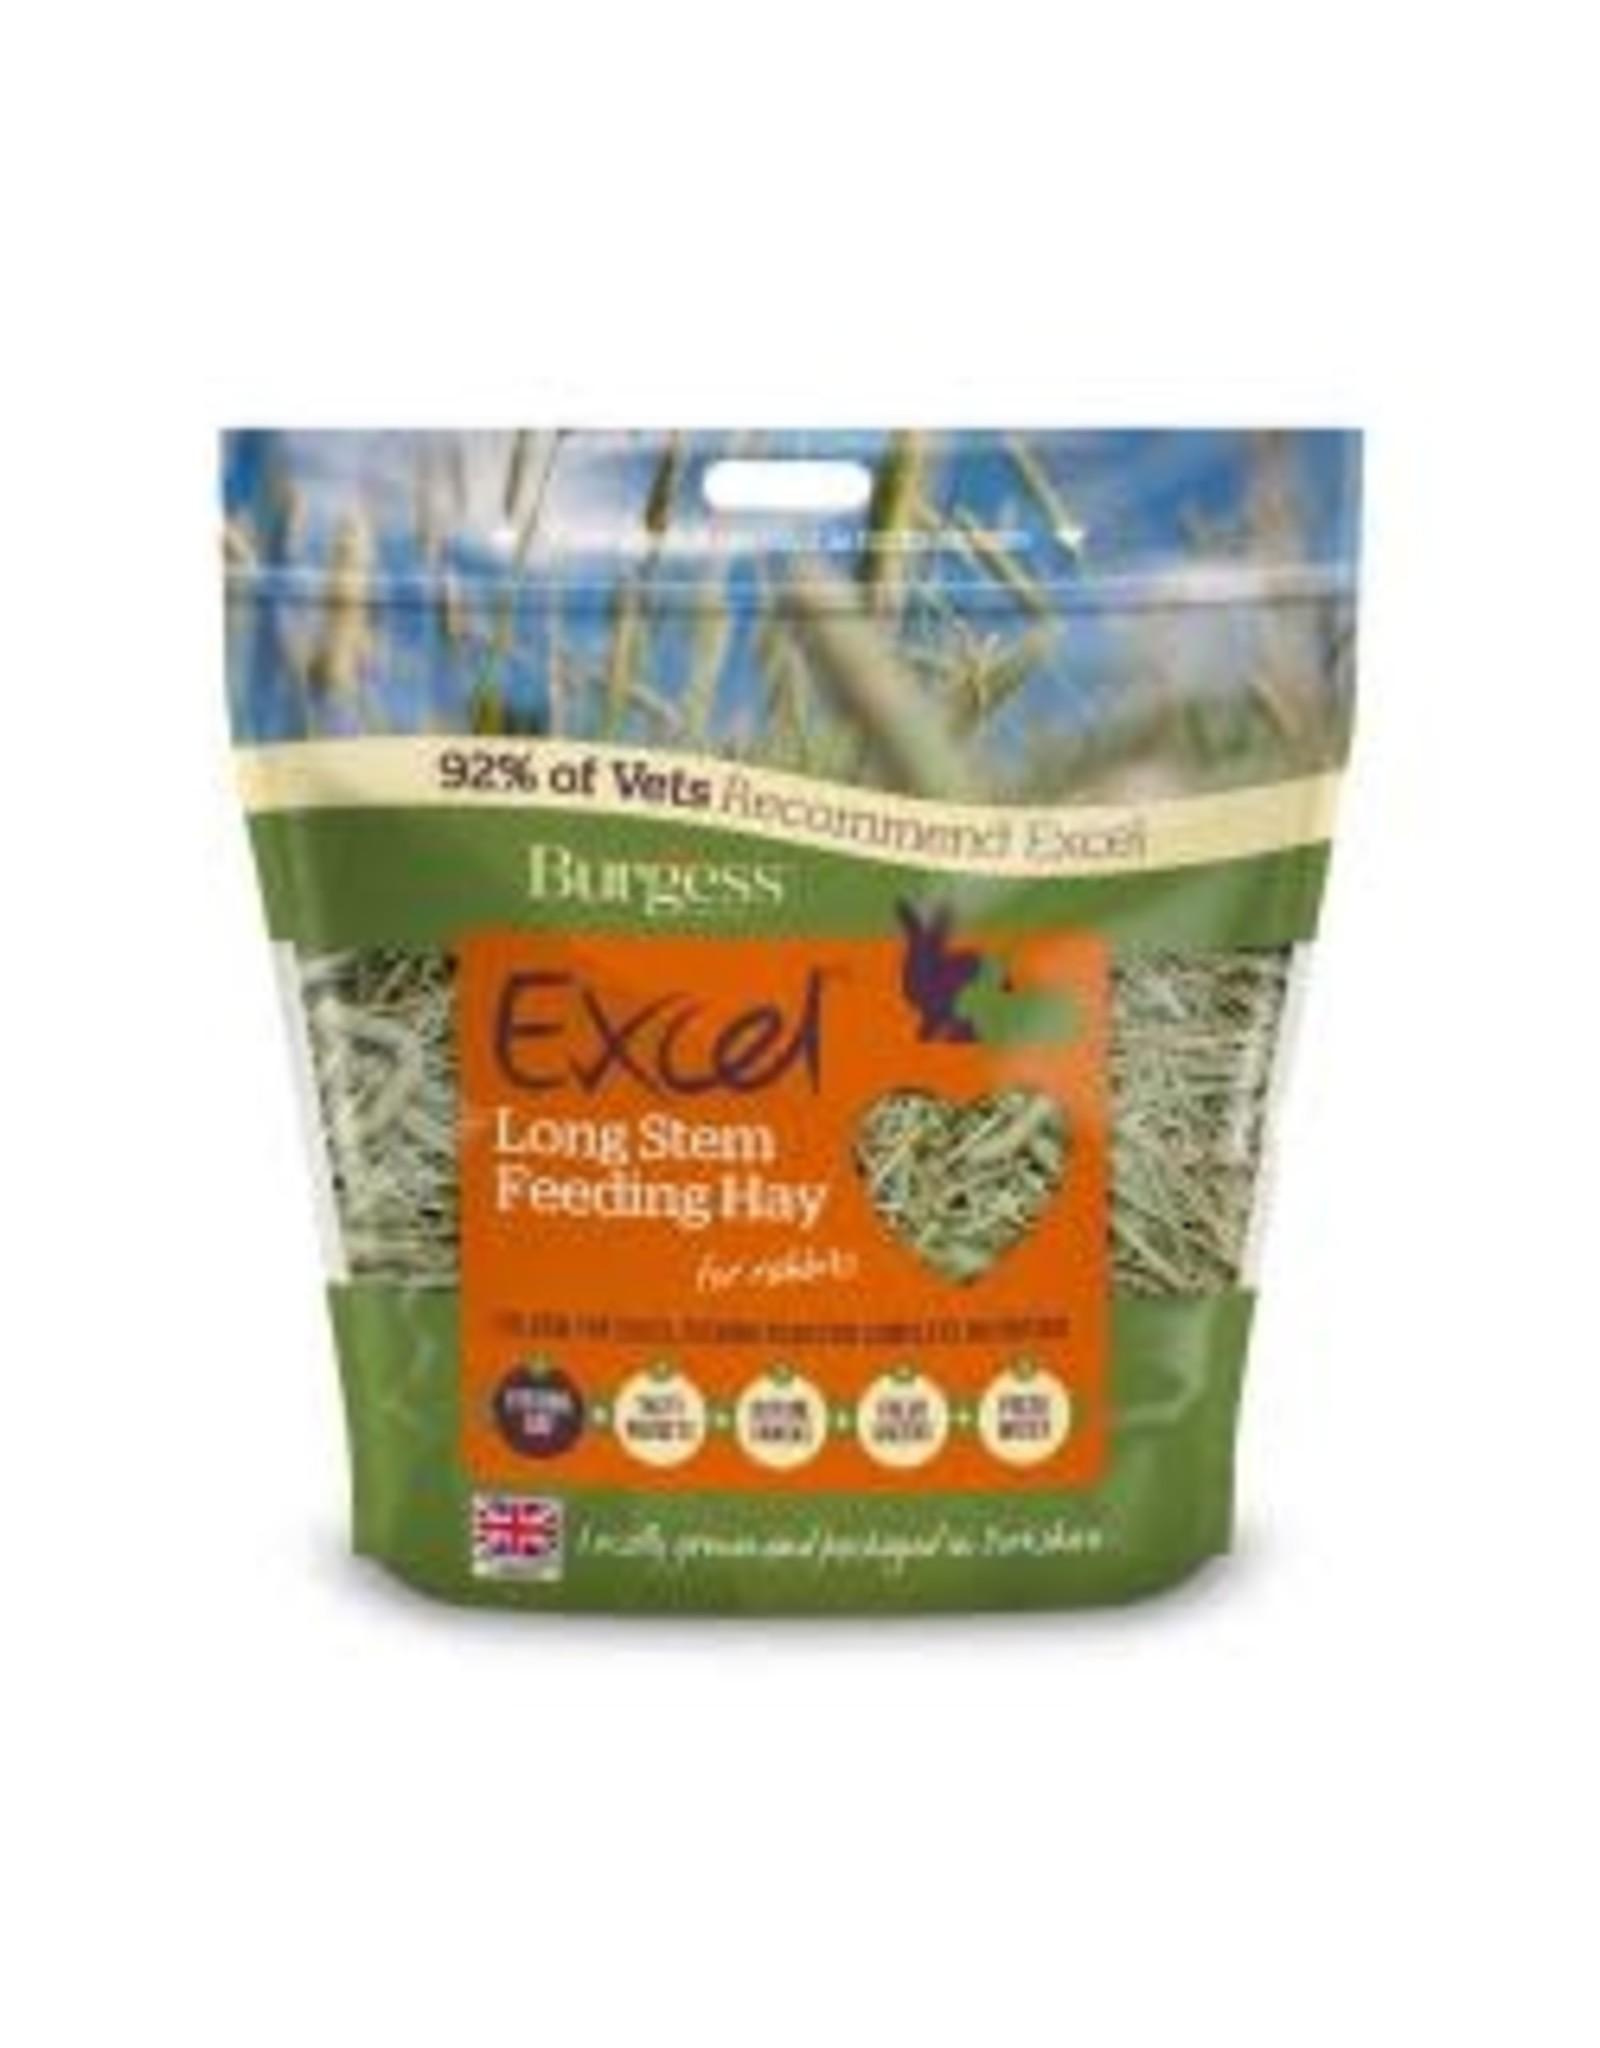 Burgess Excel Burgess Excel Long Stem Feeding Hay 1kg